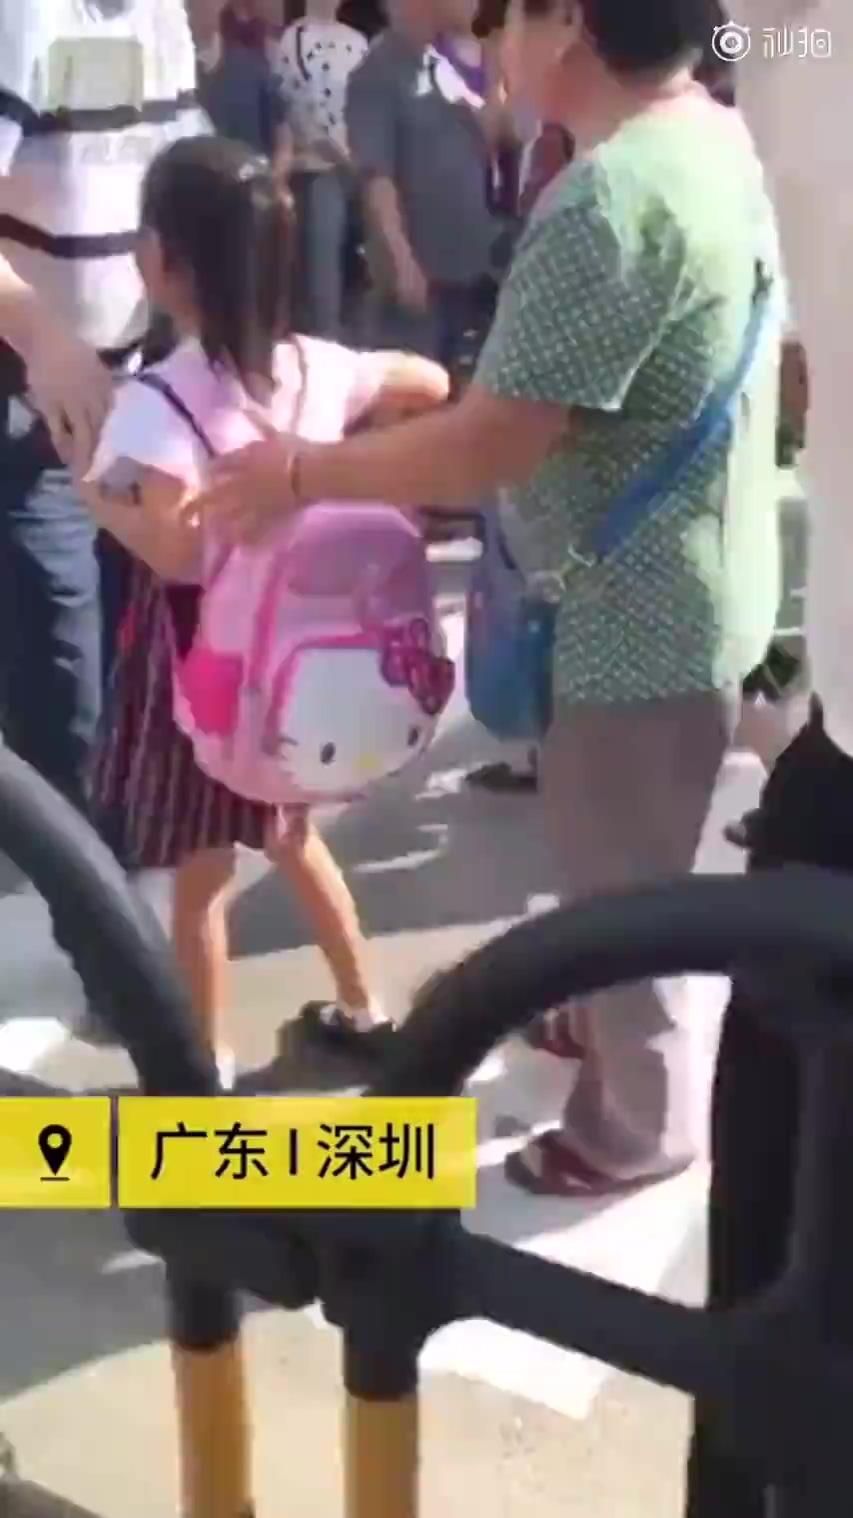 校长站校门口制止家长替孩子背书包:自己的事情自己做